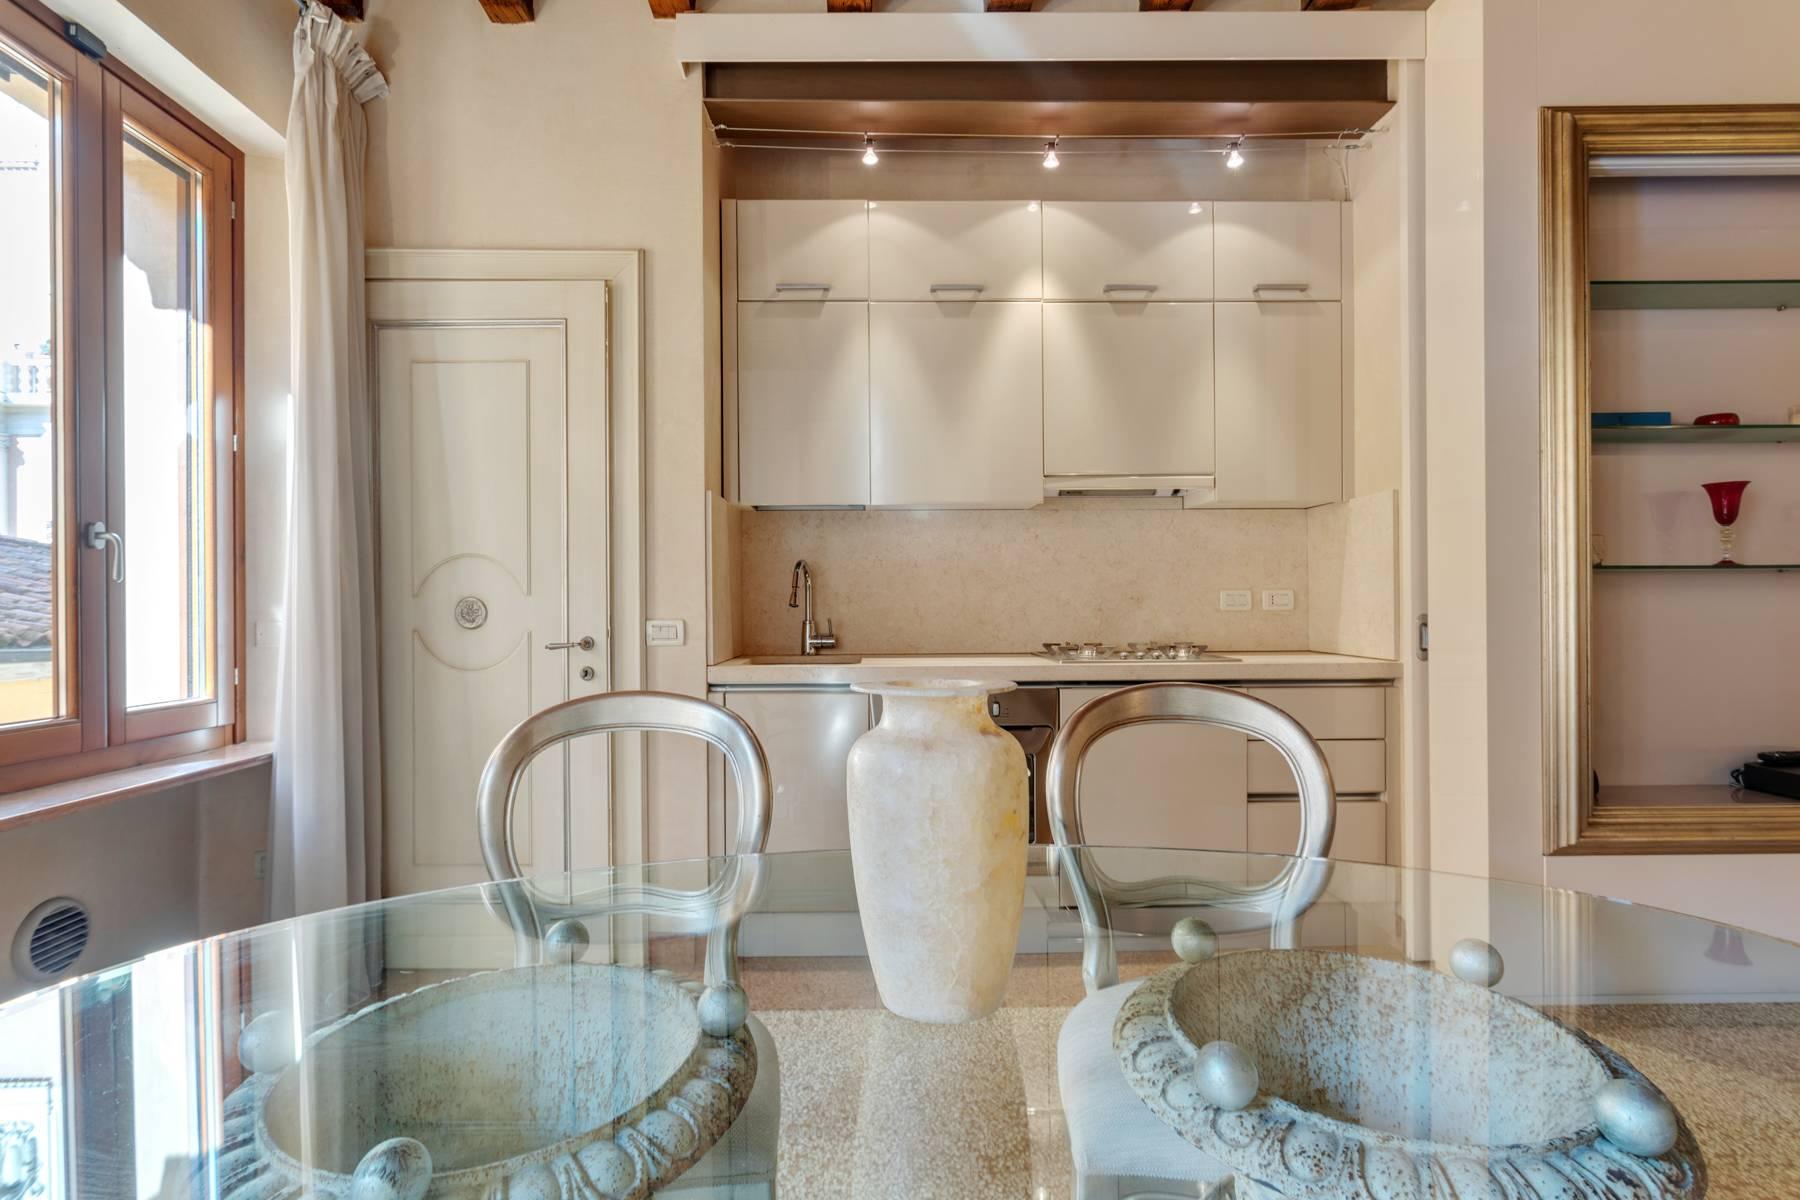 Appartamento in Vendita a Verona: 3 locali, 55 mq - Foto 2